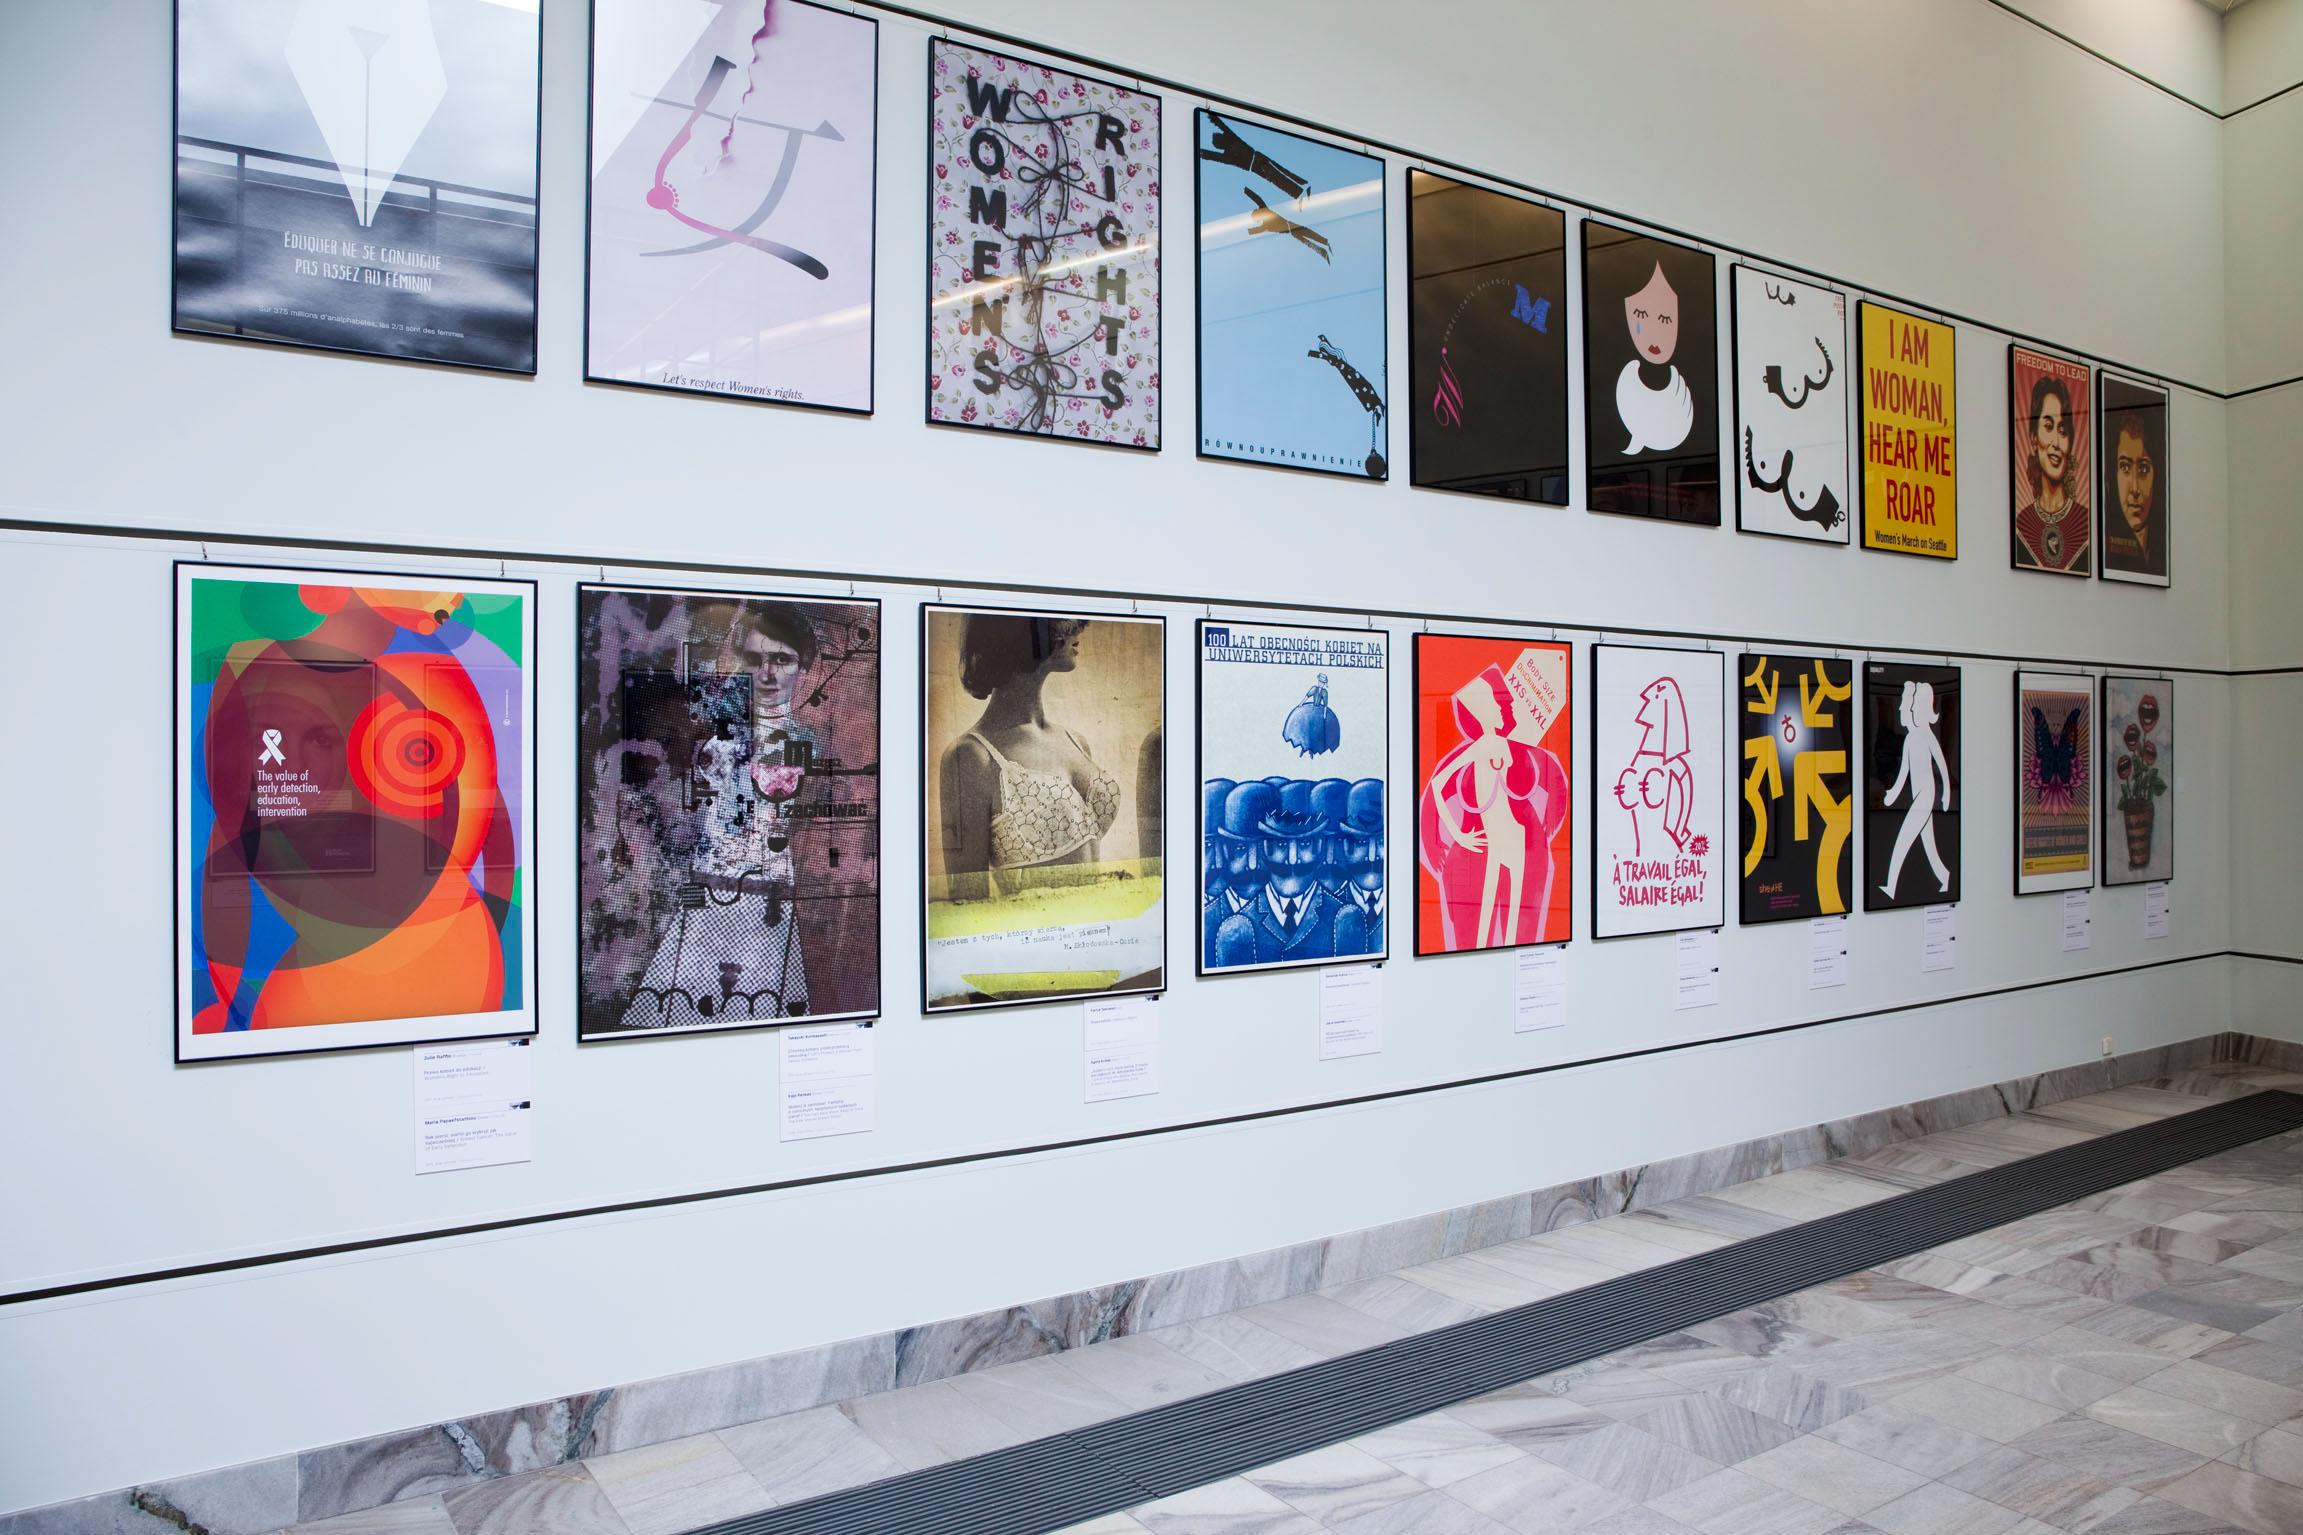 Warsaw Poster Museum, Warsaw, Poland, 2017